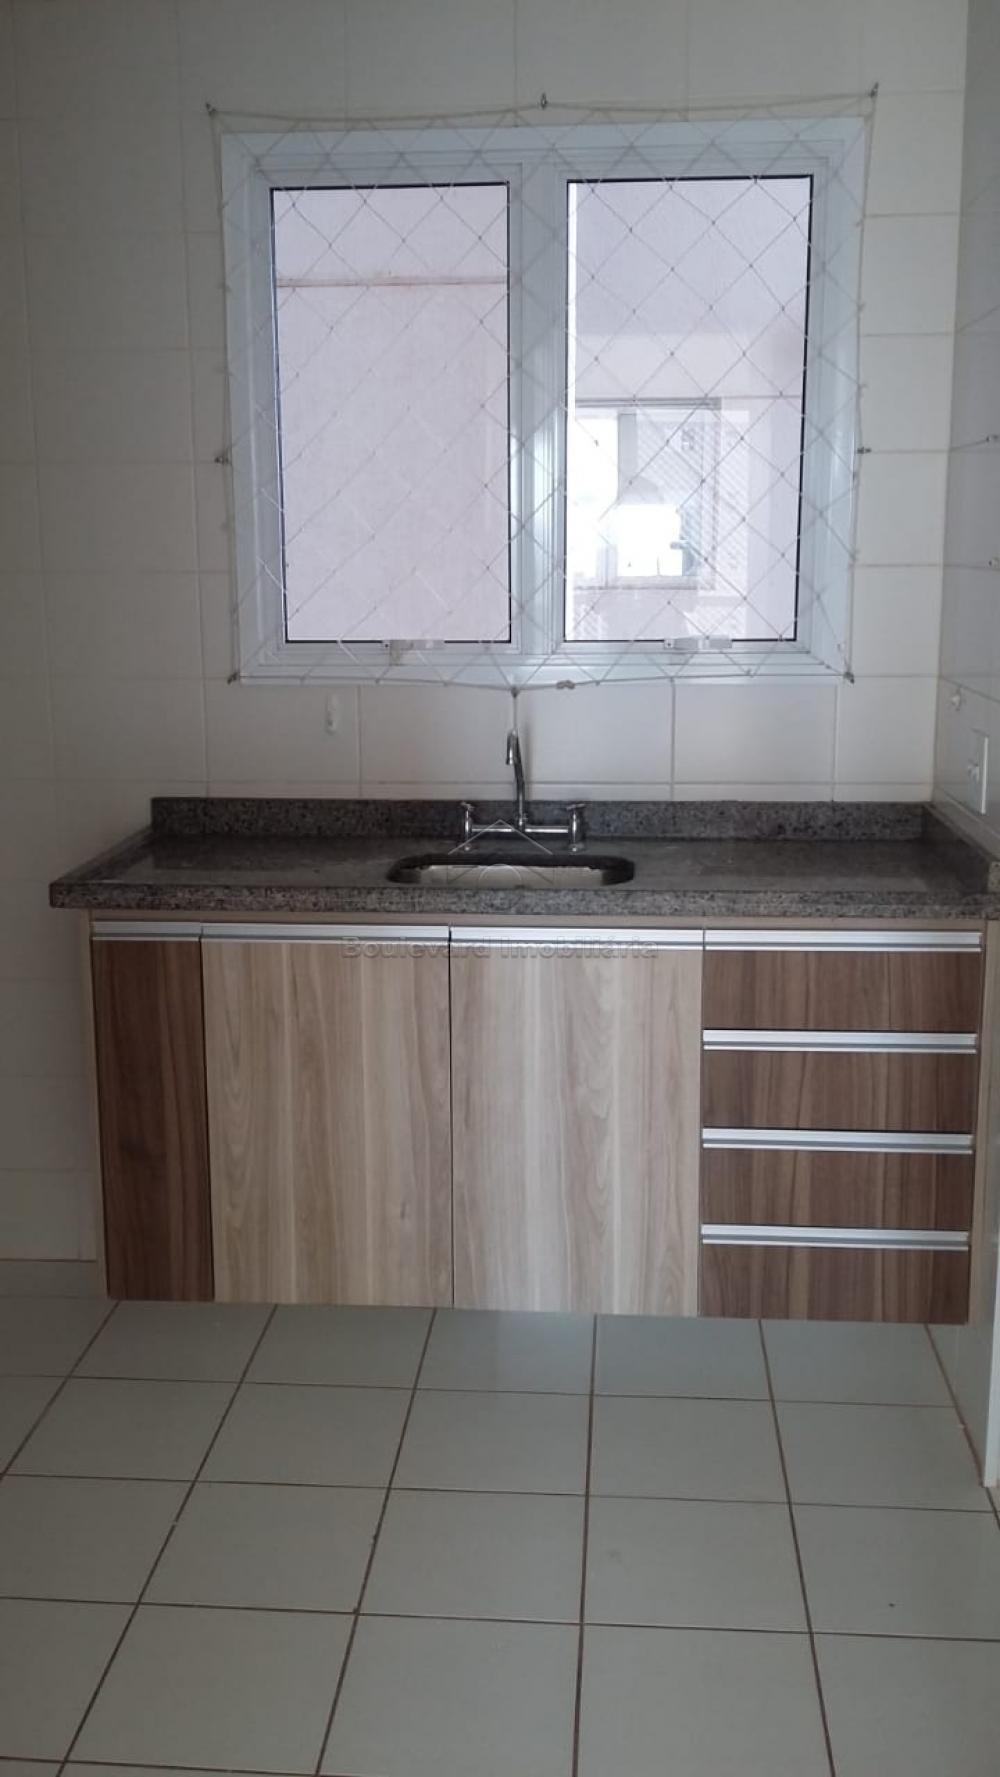 Alugar Apartamento / Padrão em Ribeirão Preto apenas R$ 2.400,00 - Foto 12